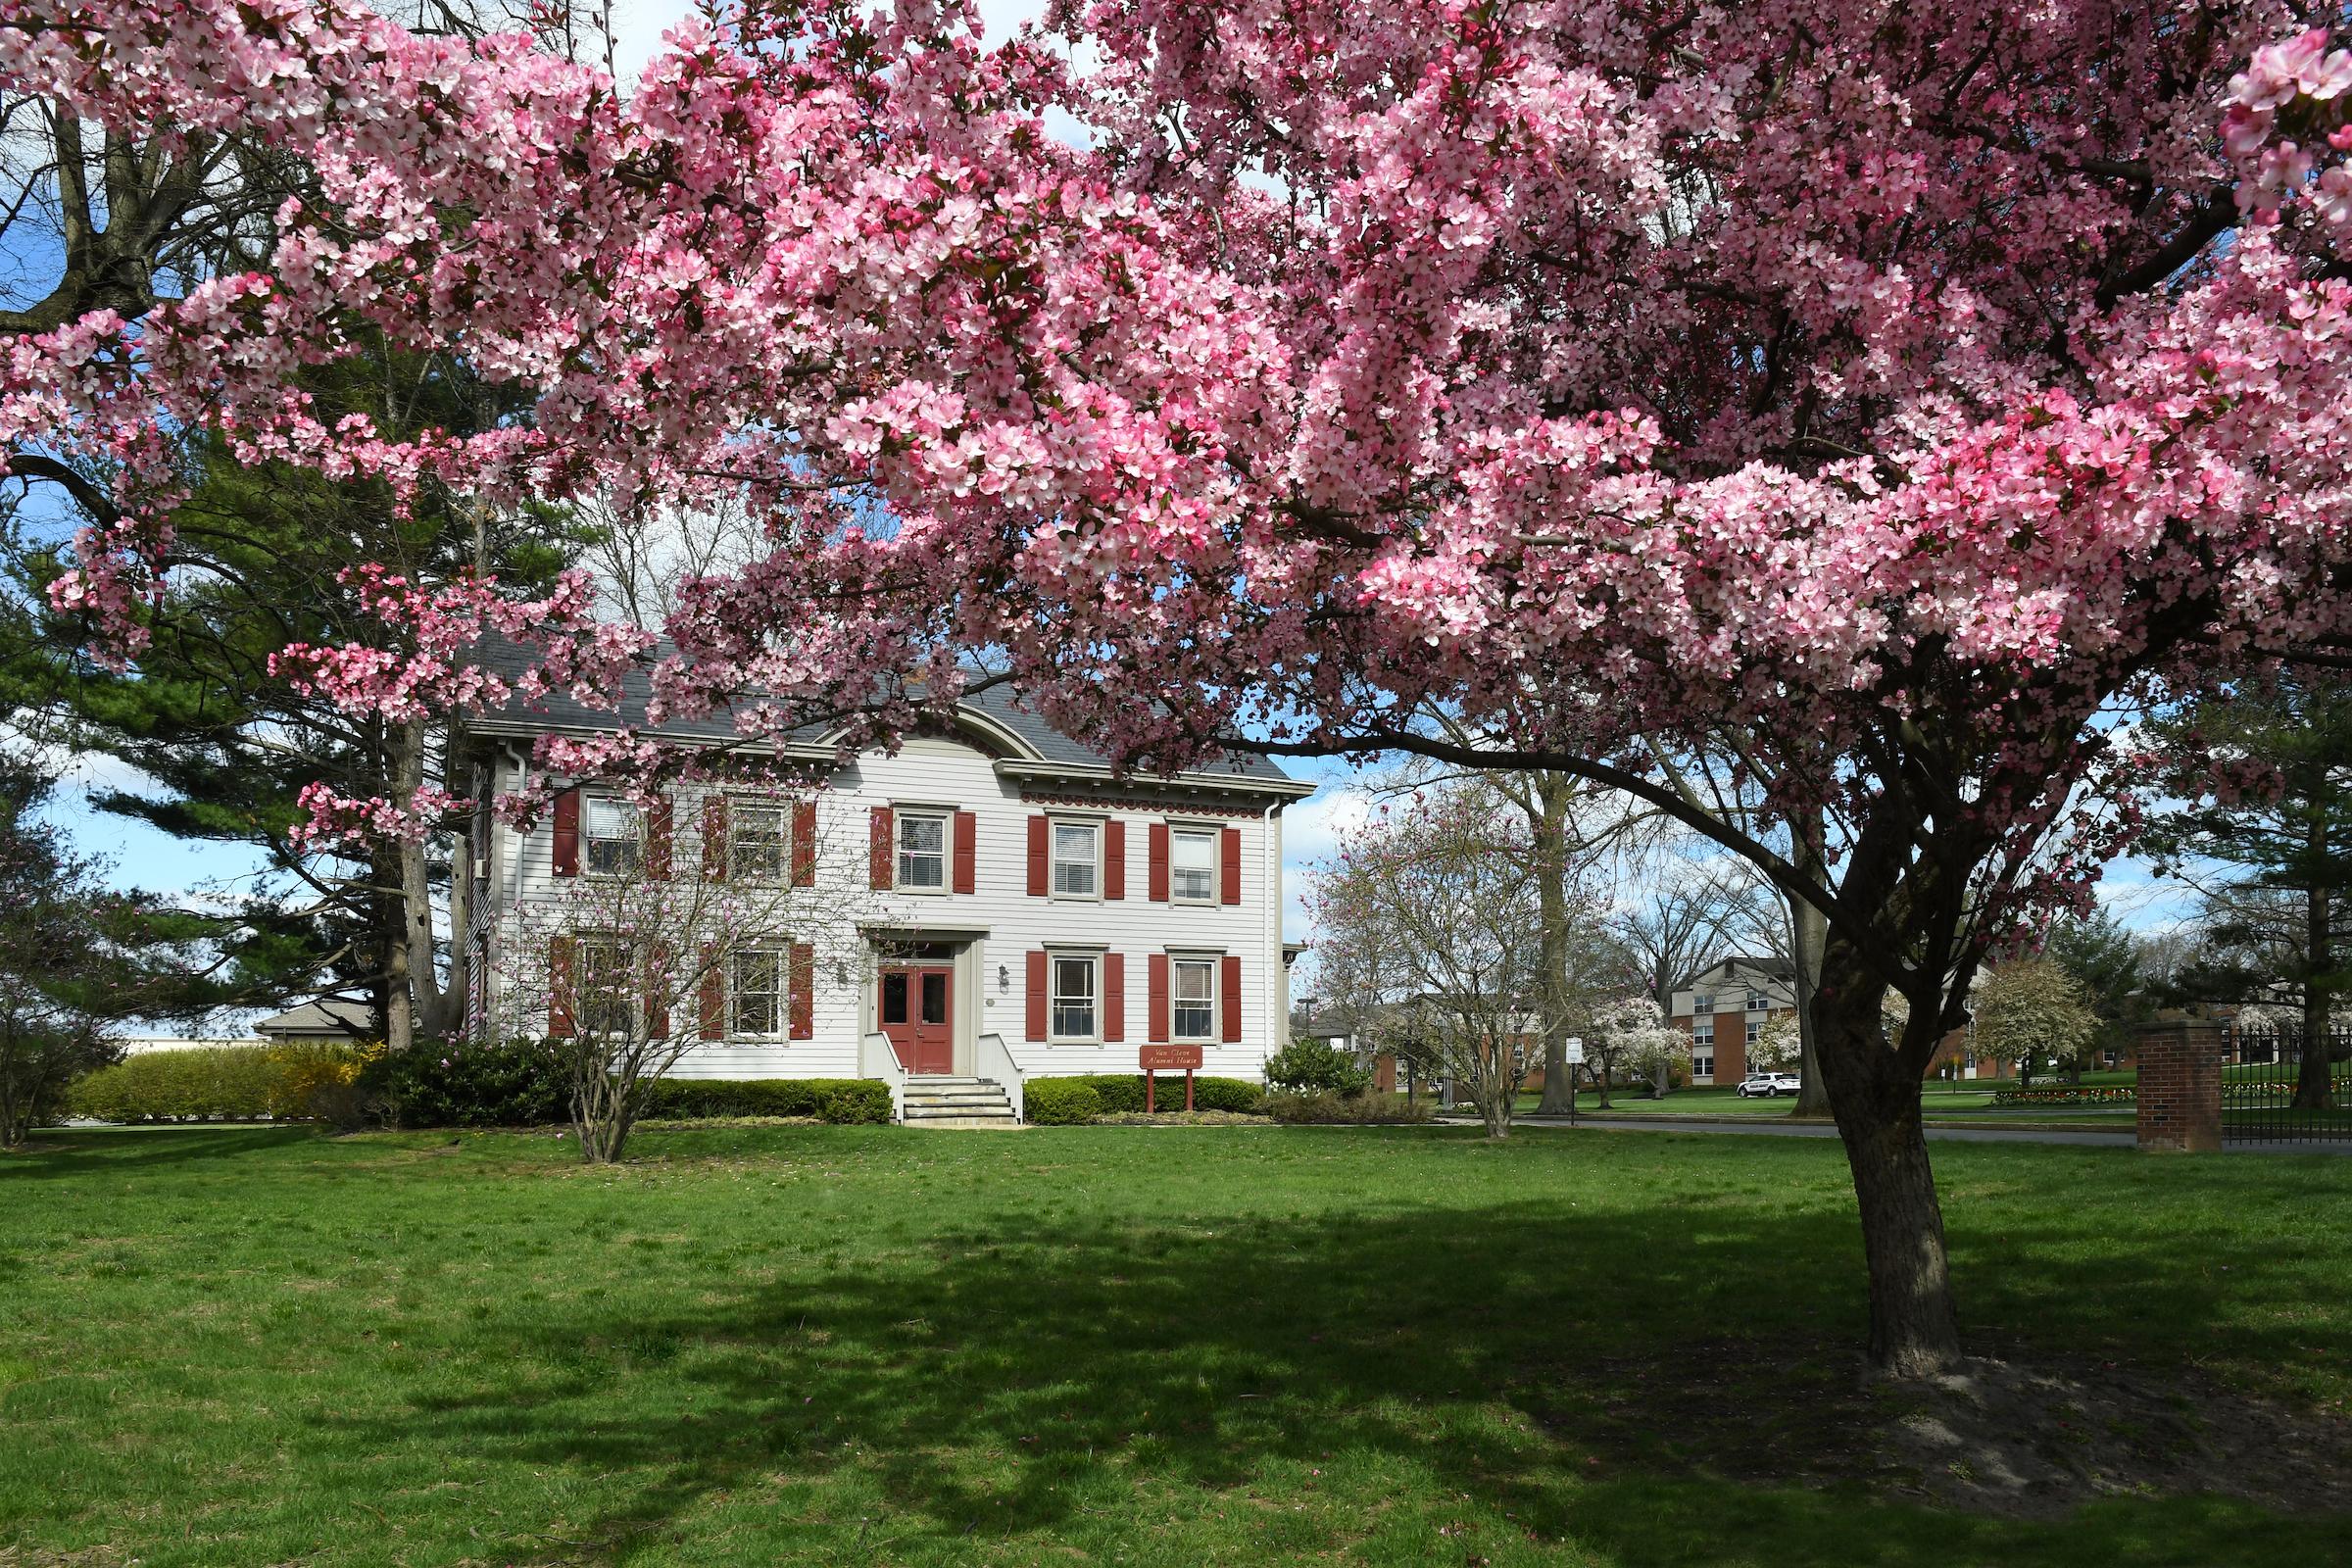 Van Cleve Alumni House